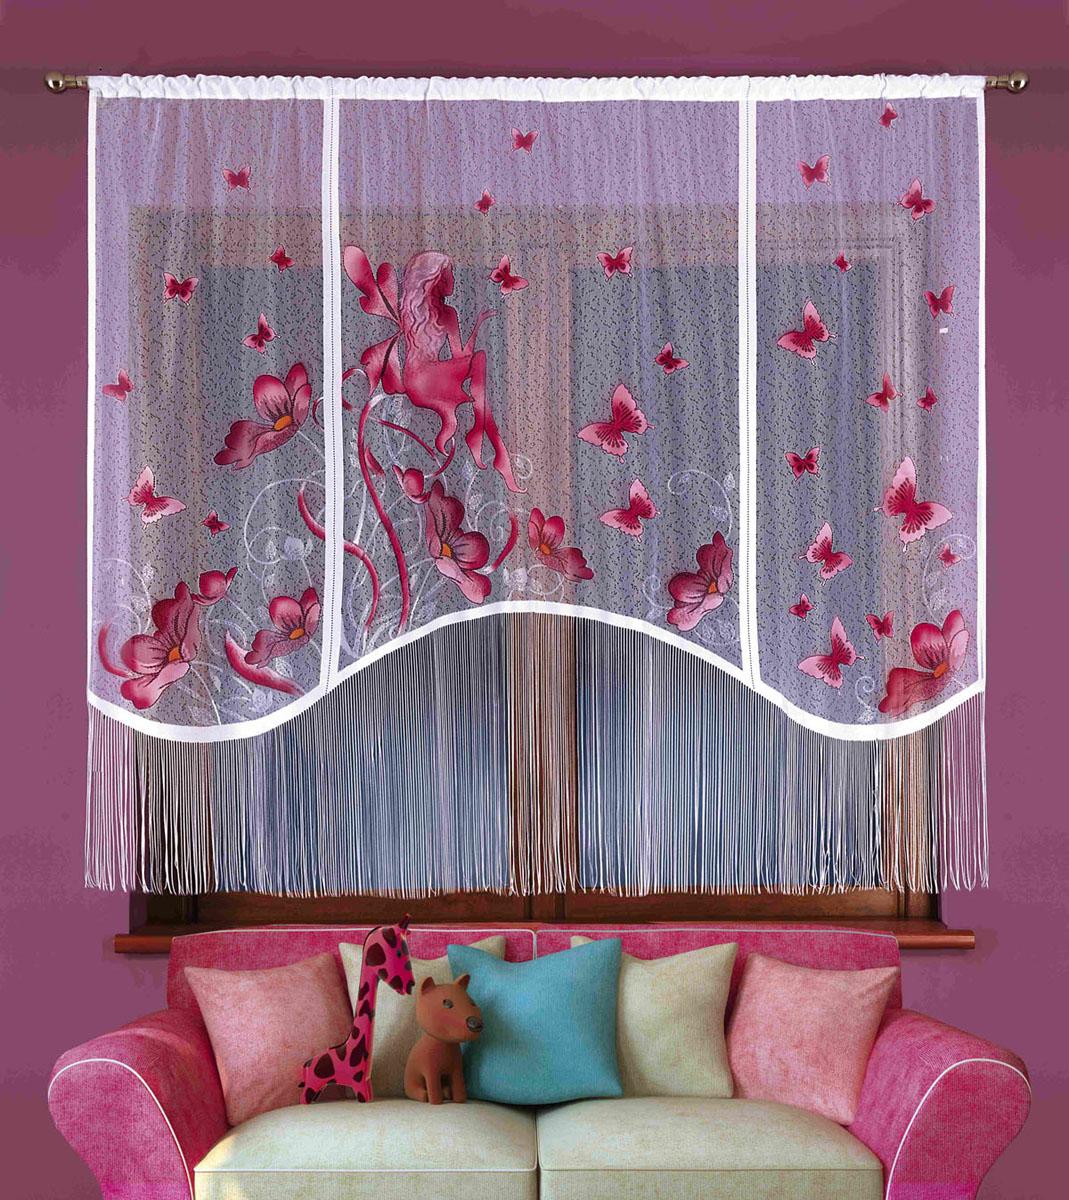 Гардина Elfik, на кулиске, цвет: белый, высота 180 см524839Воздушная гардина Elfik, изготовленная из полиэстера белого цвета, станет великолепным украшением любого окна. Нижняя часть гардины декорирована бахромой. Тонкое плетение и рисунок в виде бордовых бабочек привлекут к себе внимание и органично впишутся в интерьер. Верхняя часть гардины оснащена кулиской для крепления на круглый карниз. Характеристики:Материал: 100% полиэстер. Цвет: белый. Высота кулиски: 6 см. Размер упаковки:26 см х 5 см х 36 см. Артикул: 724918.В комплект входит: Гардина - 1 шт. Размер (ШхВ): 220 см х 180 см. Фирма Wisan на польском рынке существует уже более пятидесяти лет и является одной из лучших польских фабрик по производству штор и тканей. Ассортимент фирмы представлен готовыми комплектами штор для гостиной, детской, кухни, а также текстилем для кухни (скатерти, салфетки, дорожки, кухонные занавески). Модельный ряд отличает оригинальный дизайн, высокое качество. Ассортимент продукции постоянно пополняется.